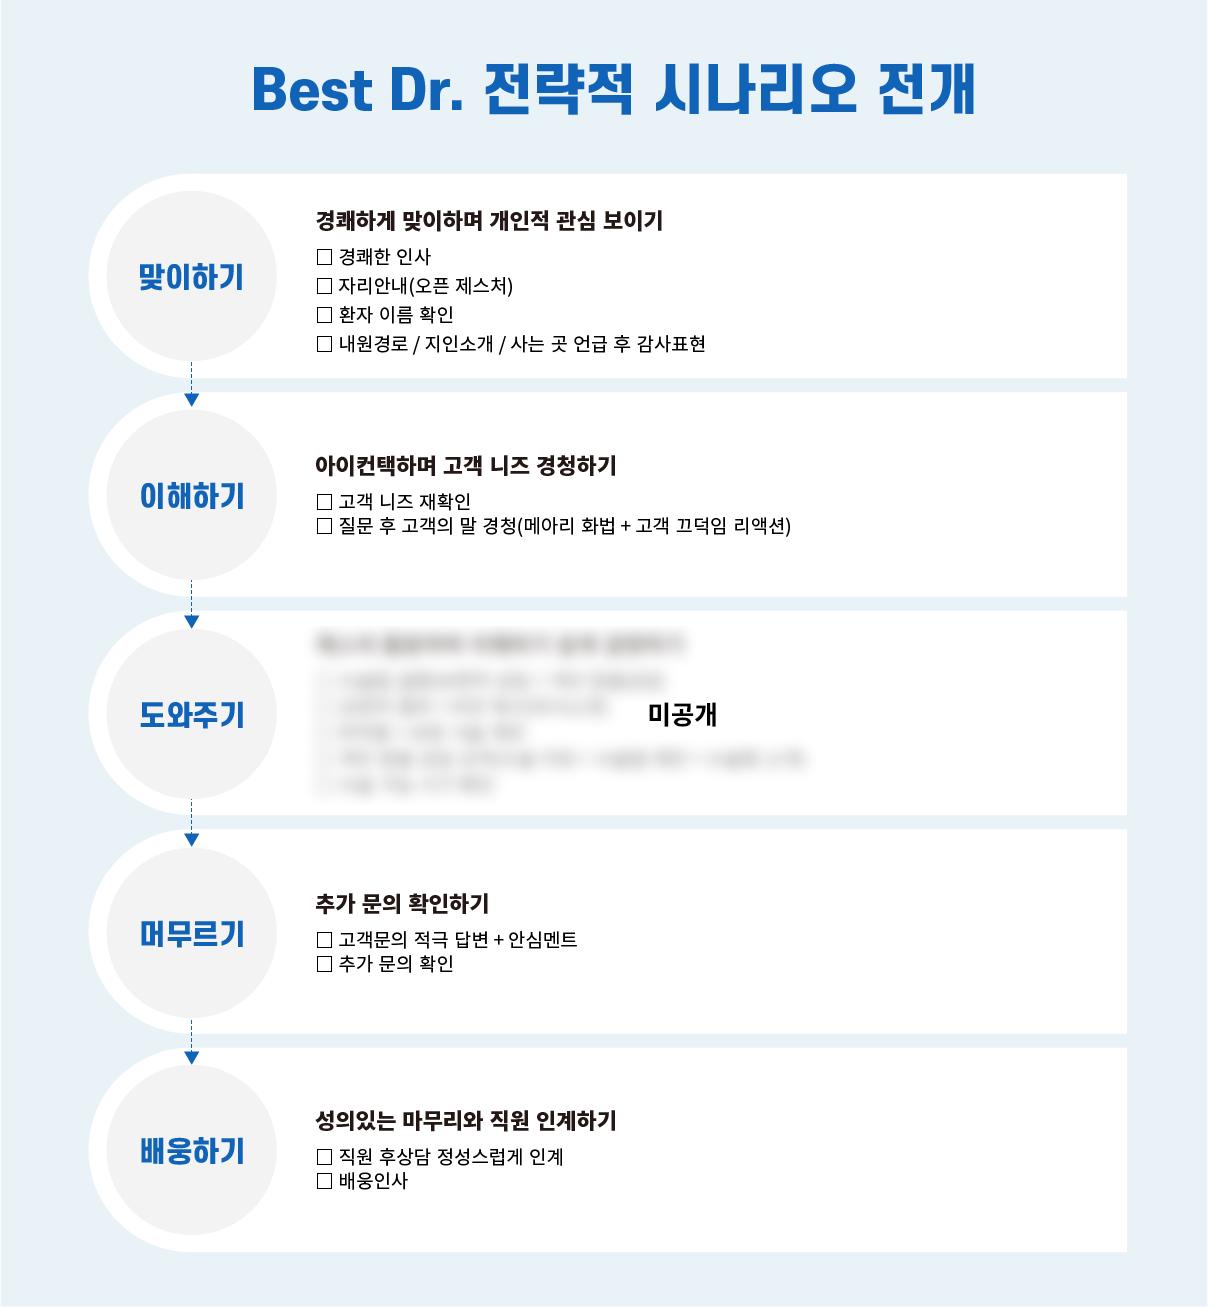 병원CS, 베스트닥터 전략적 시나리오 전개, Best Dr.